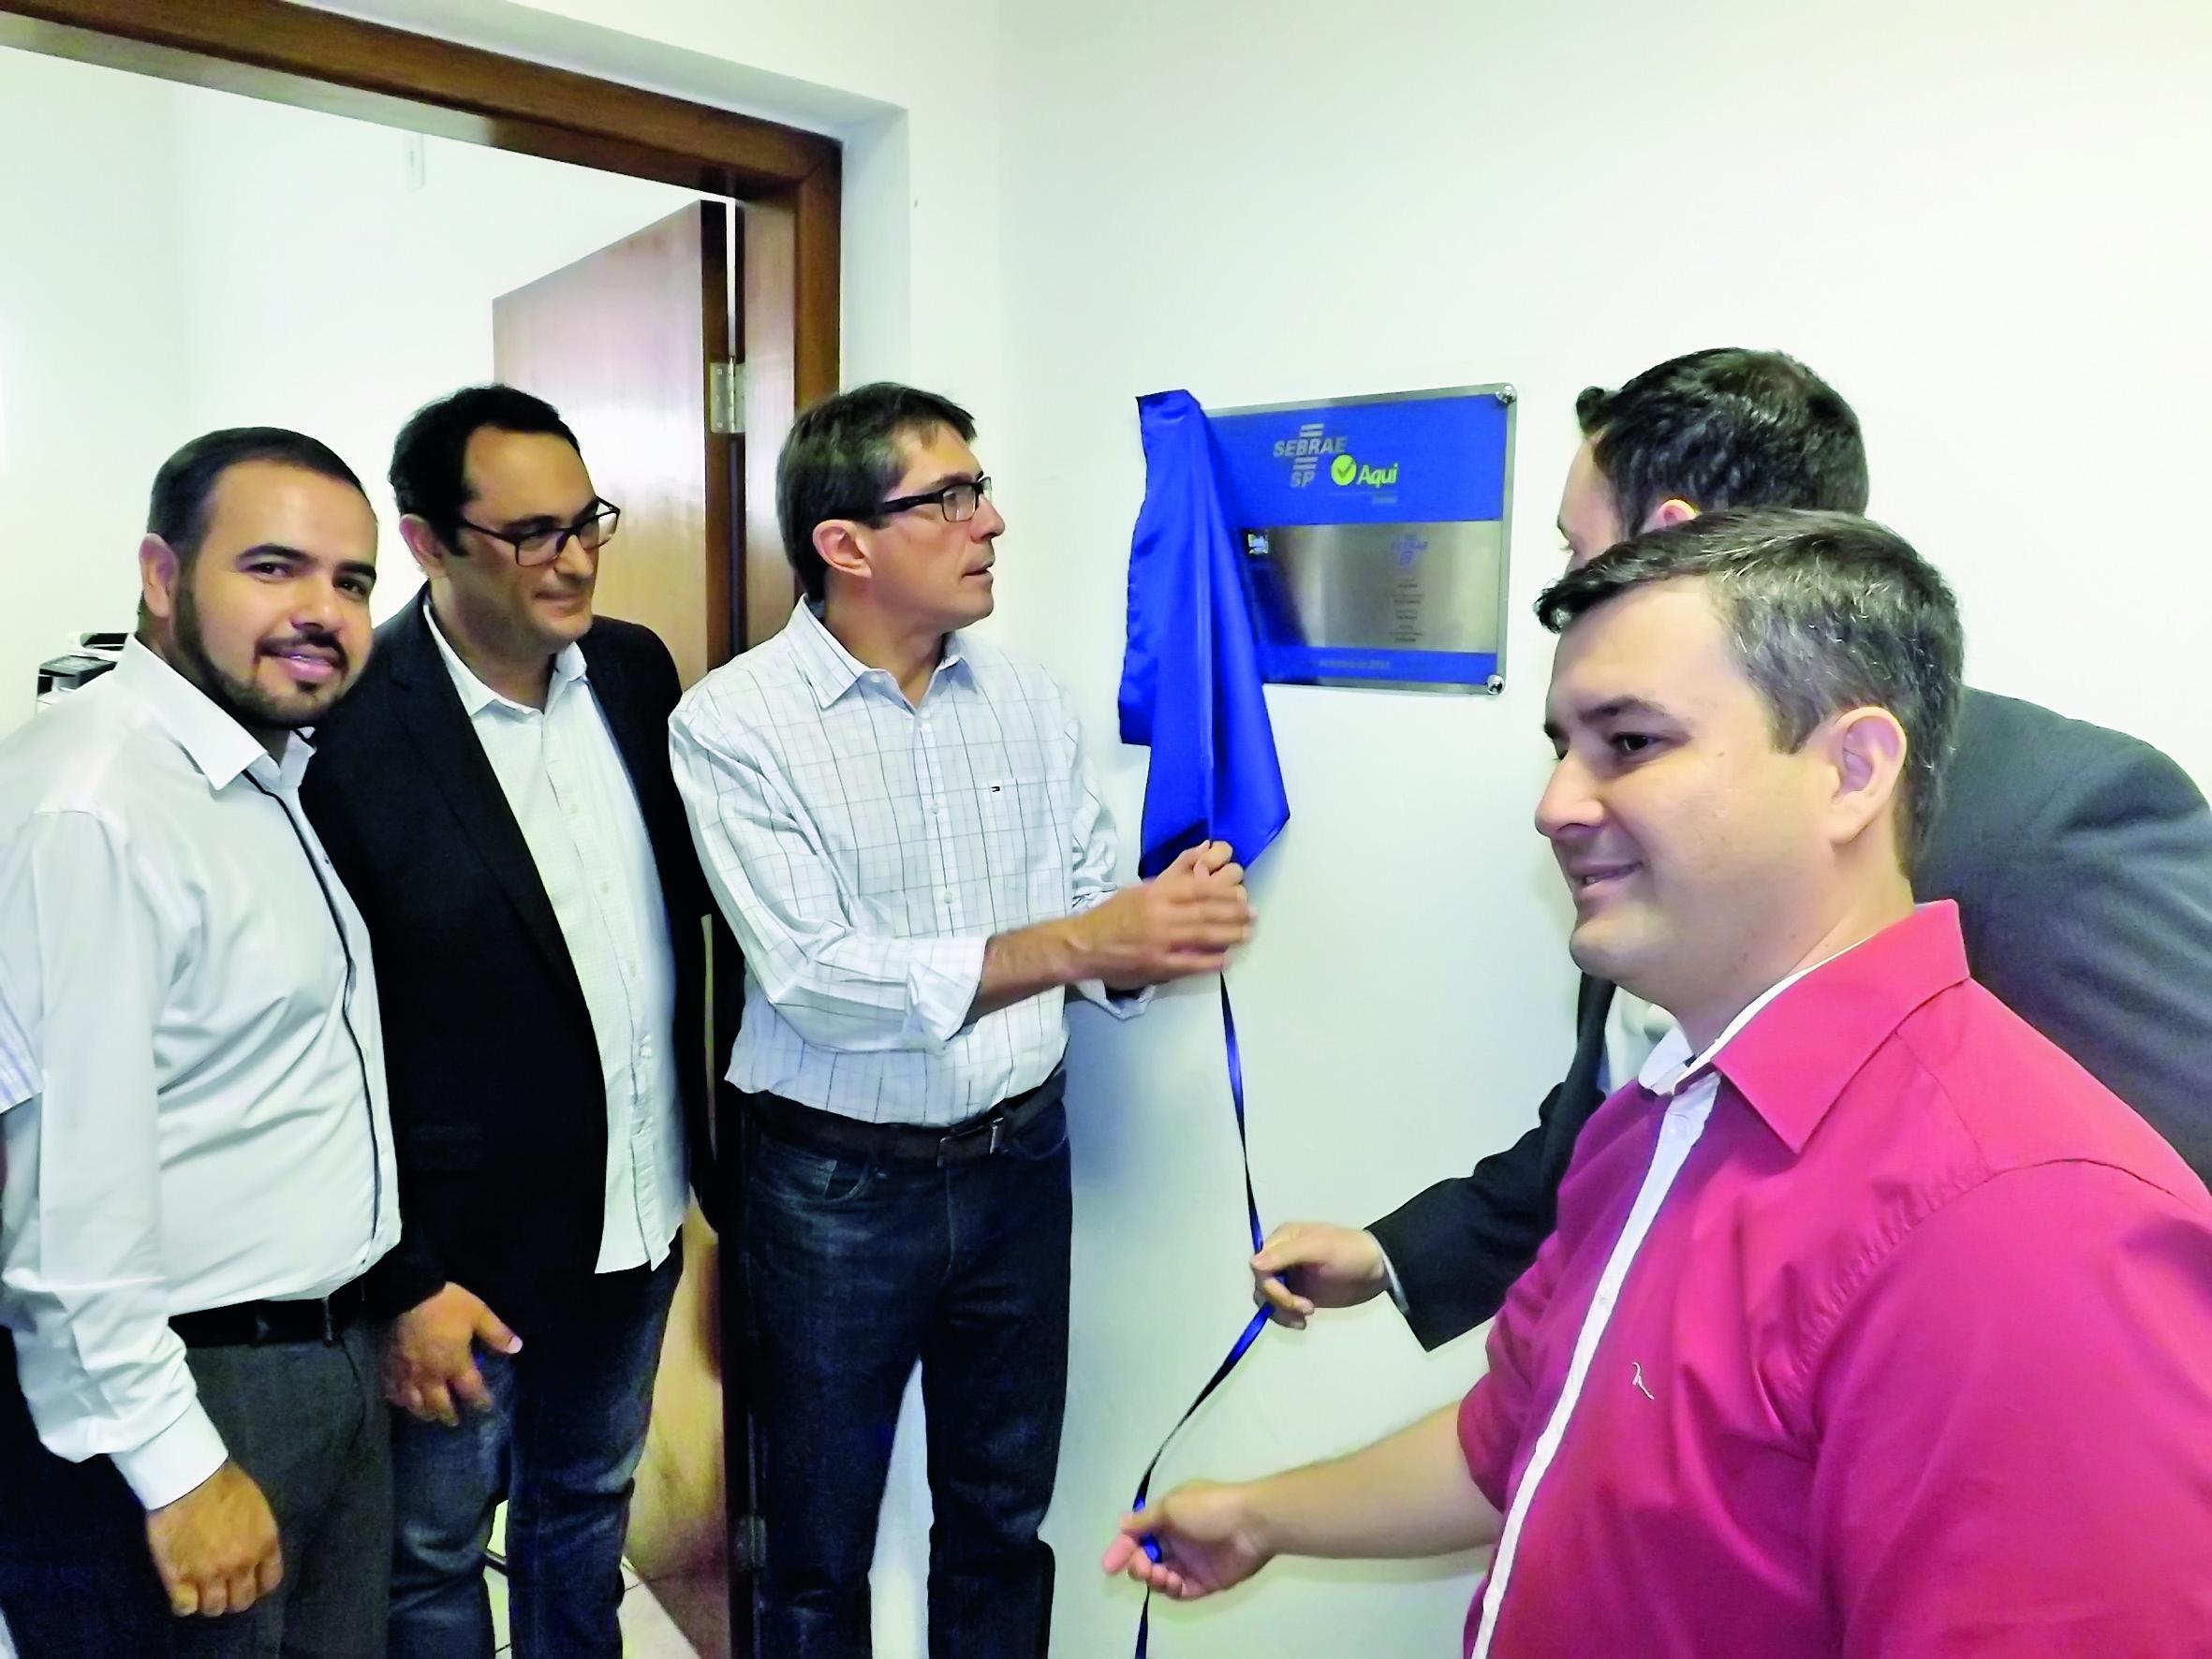 O prefeito Fábio Marcondes descerra placa de inauguração de sala aberta em parceria com o Sebrae; projeto tenta auxiliar novos empreendedores da cidade na criação de empresas (Foto: Lucas Barbosa)